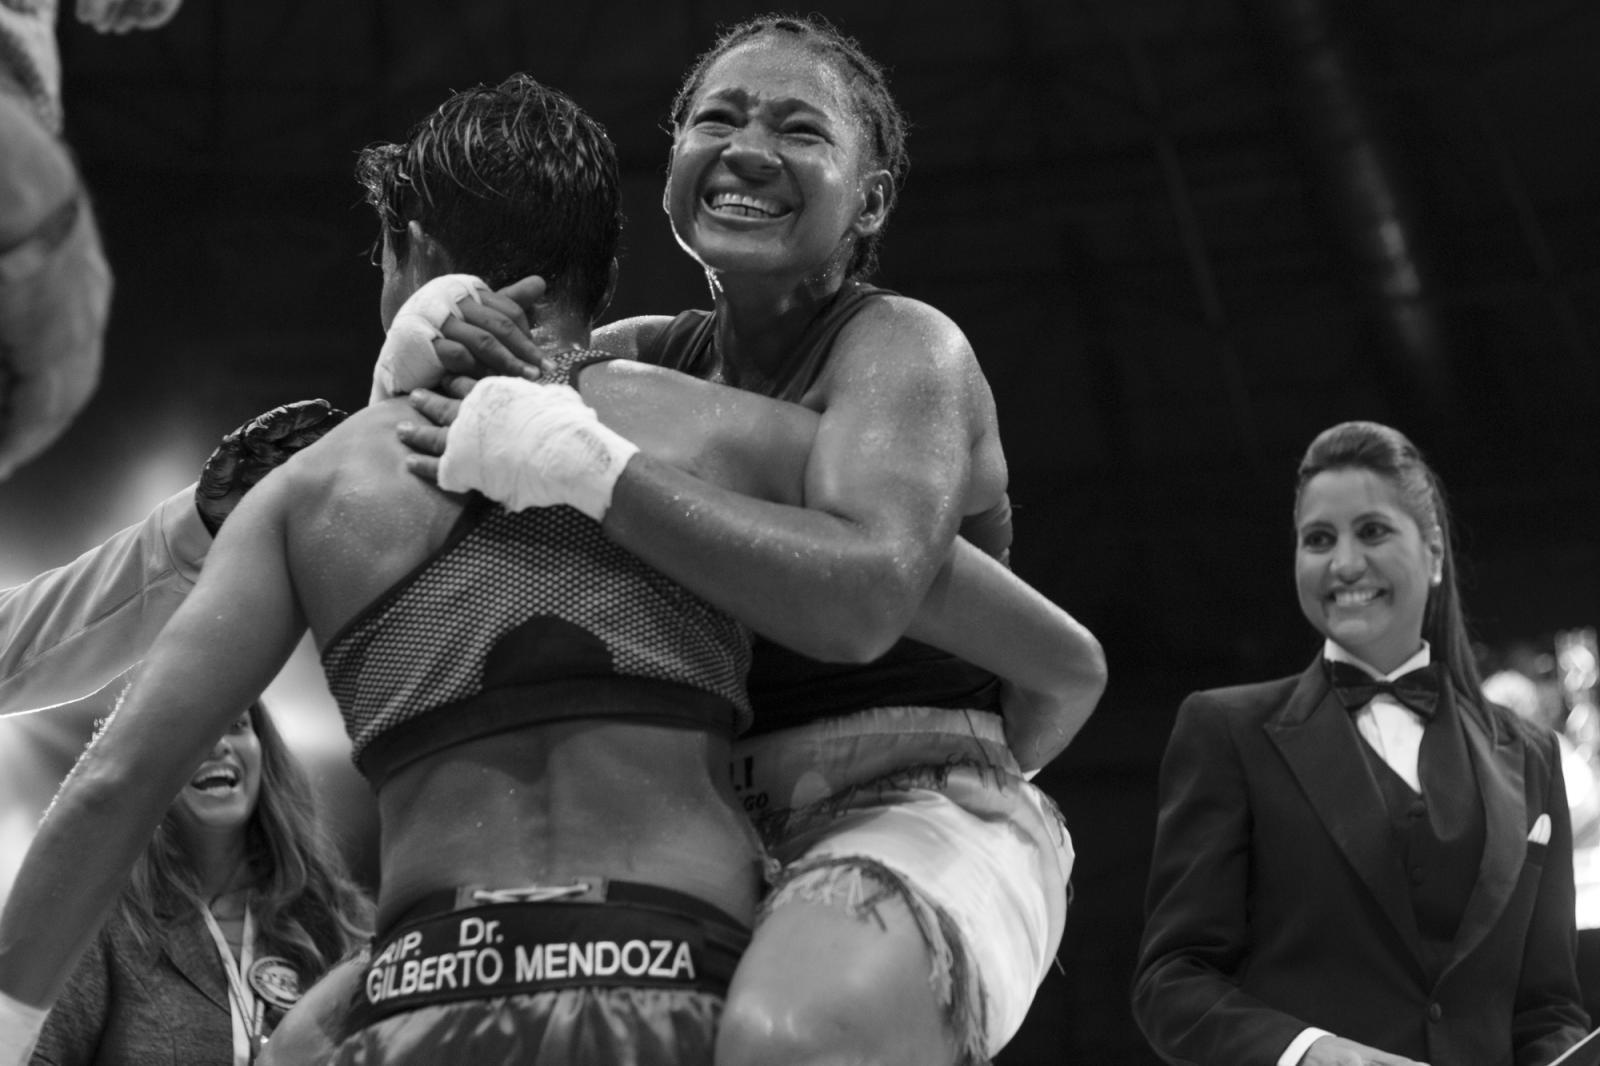 Yolis Marrugo abraza a Ambar Fajardo, luego de vencerla duramente en una pelea de 8 rounds, durante La Batalla de campeonas.18.06.2016, Maiquetía, Venezuela.